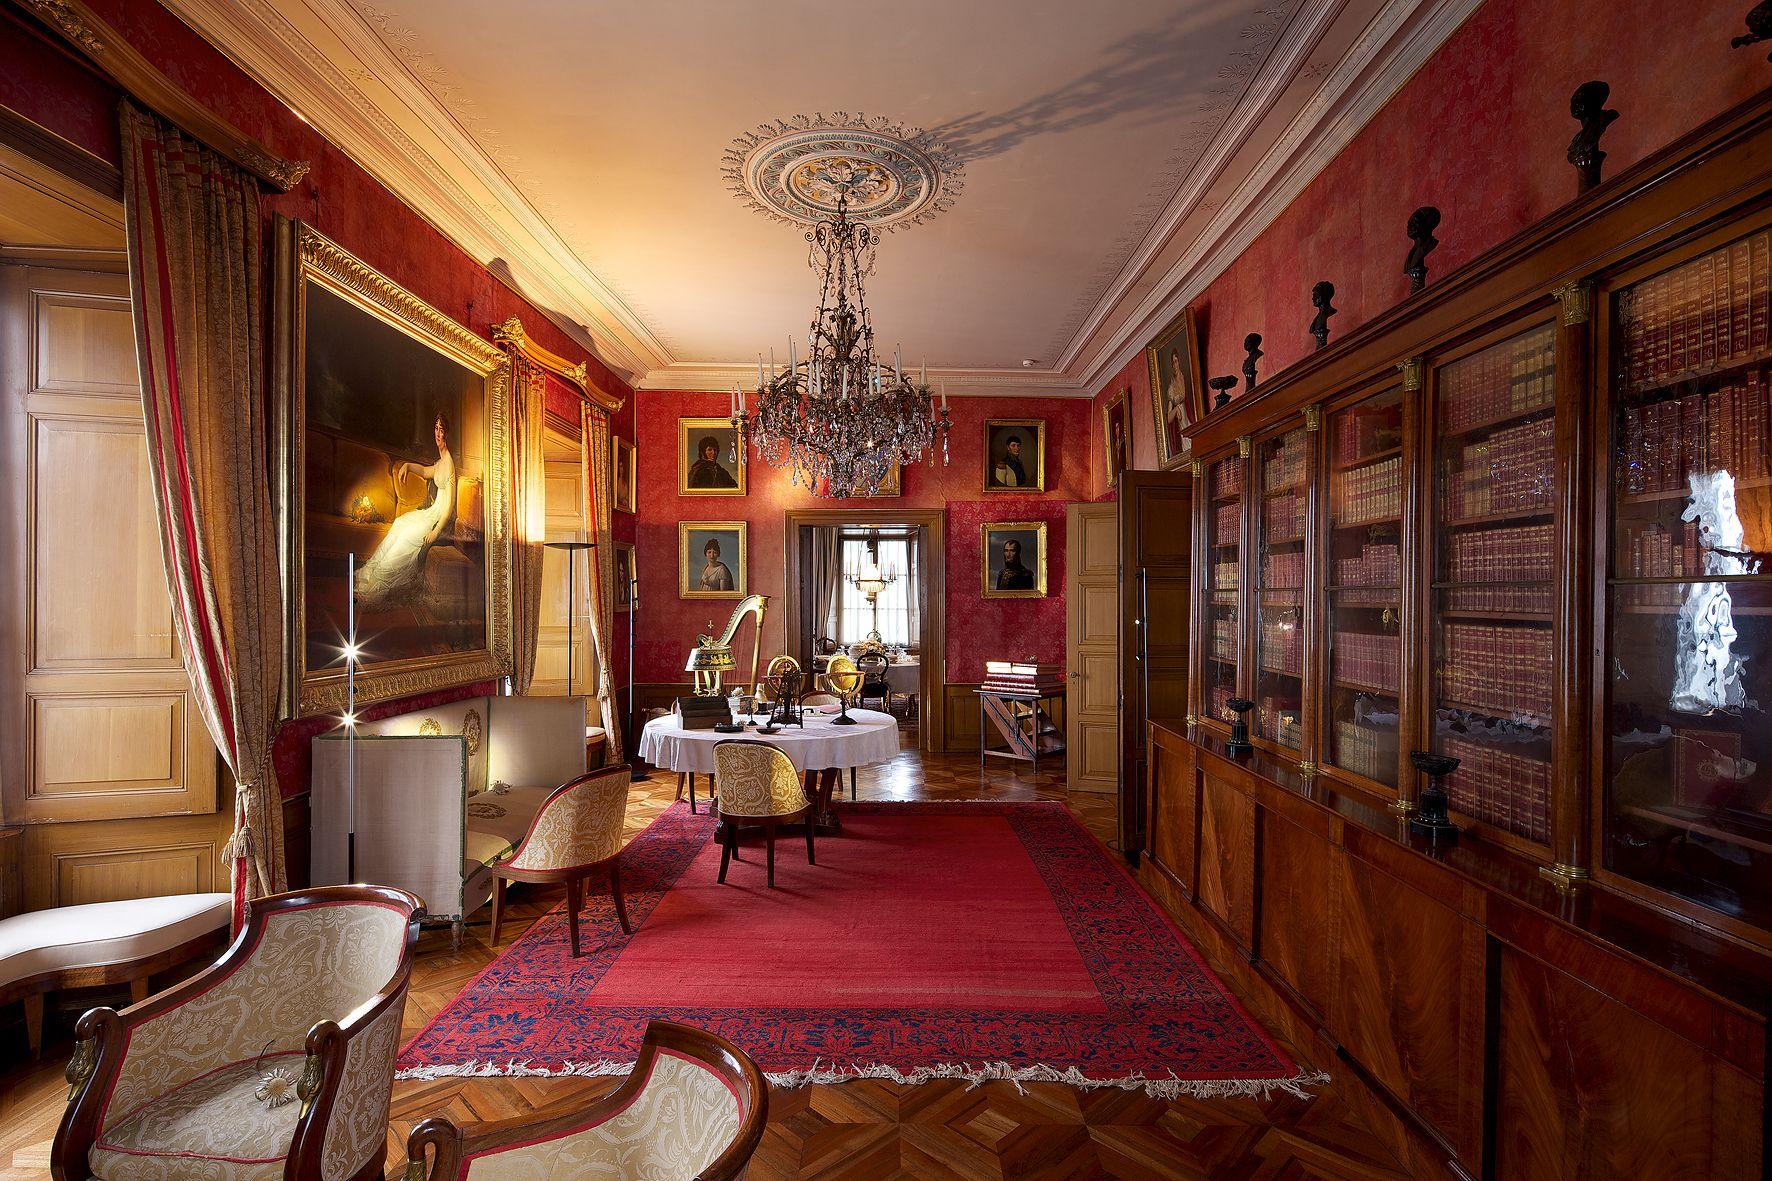 NAP Innenansichten Napoleonmuseum Thurgau, Nachweis Helmuth Scham (5).jpg